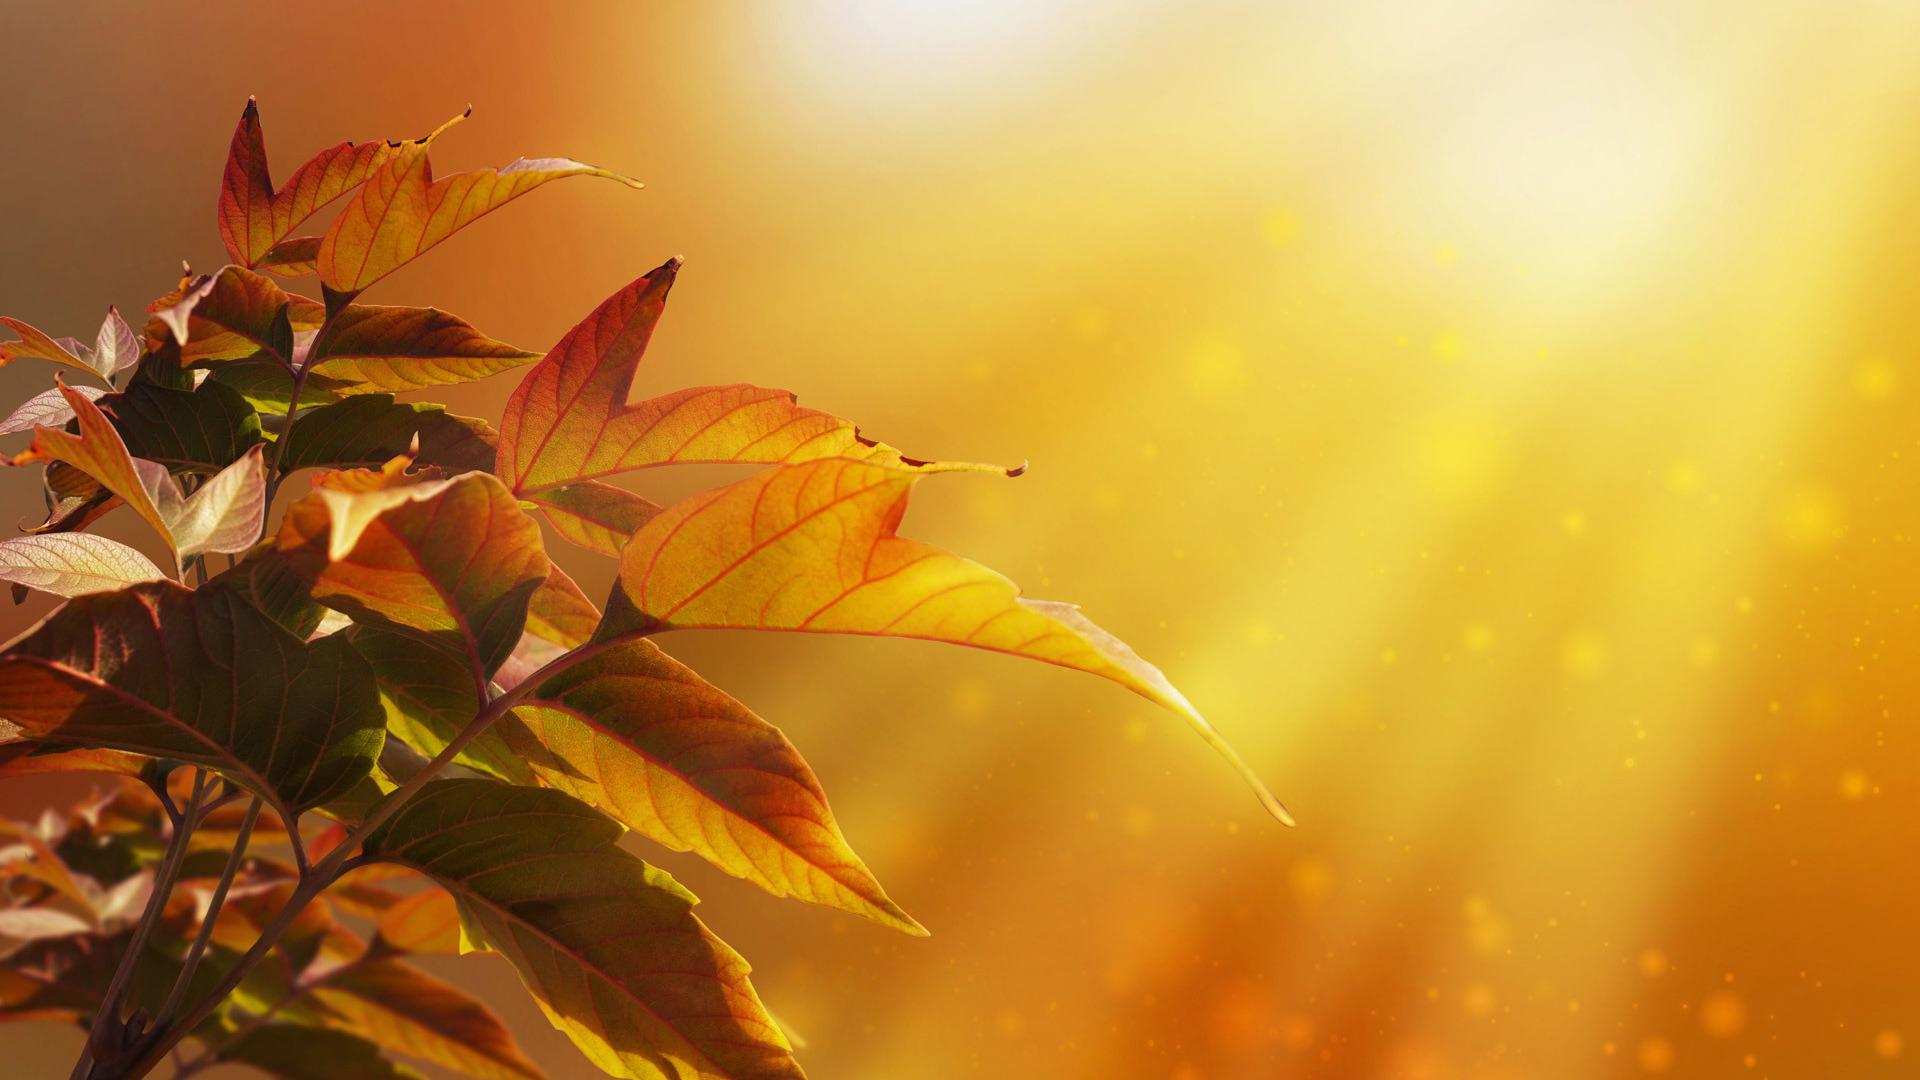 Картинка анимацией, открытки листья осень